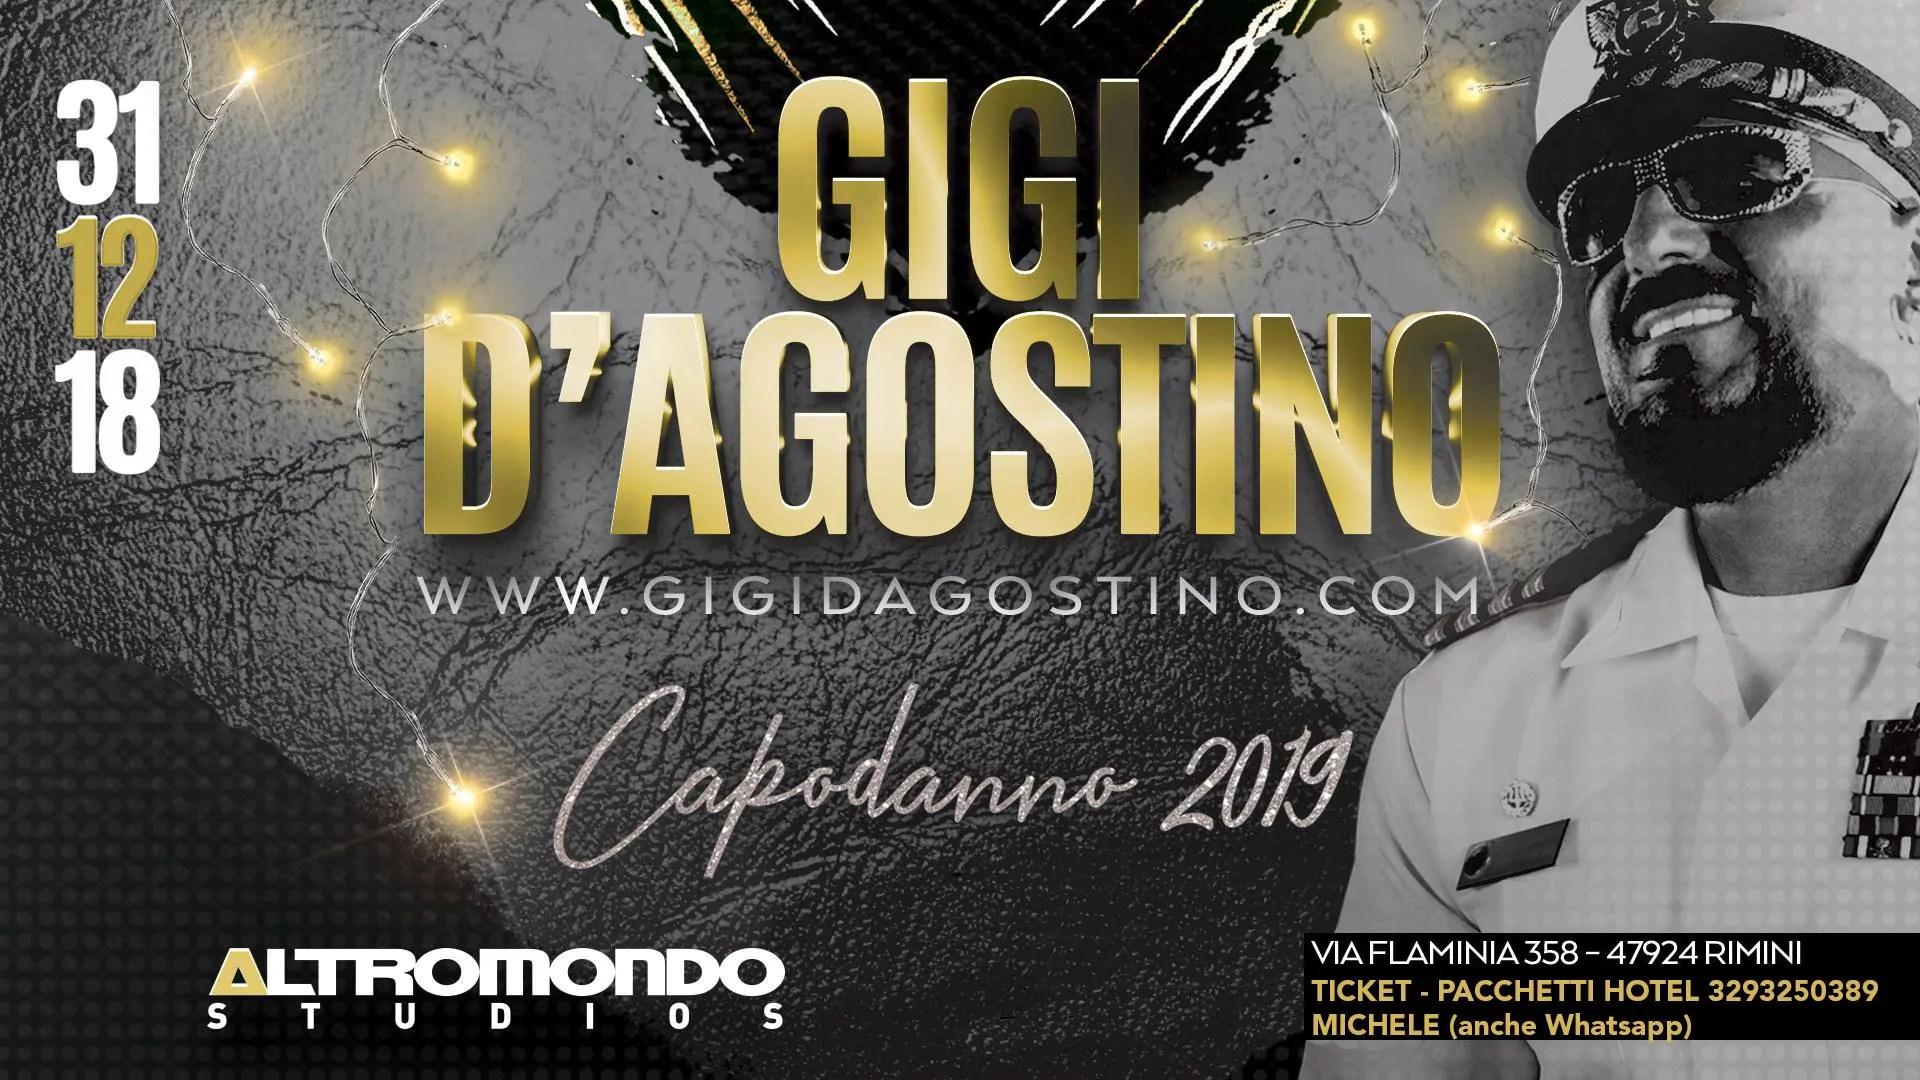 CAPODANNO 2019 ALTROMONDO STUDIOS RIMINI – Gigi D'Agostino – 31 Dicembre 2018 | Ticket Tavoli Pacchetti hotel